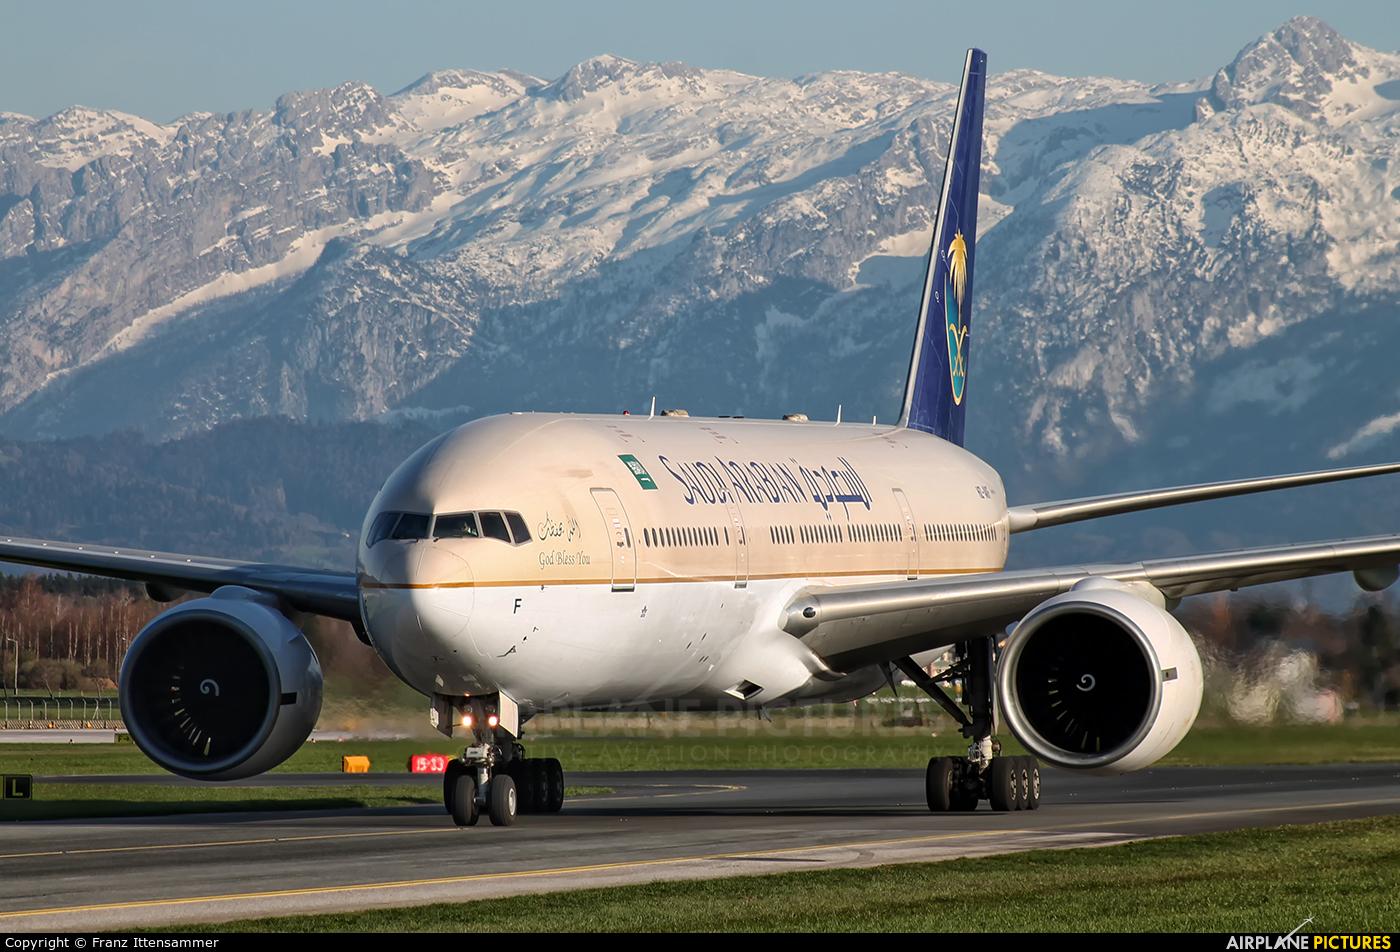 Saudi Arabian Airlines HZ-AKF aircraft at Salzburg